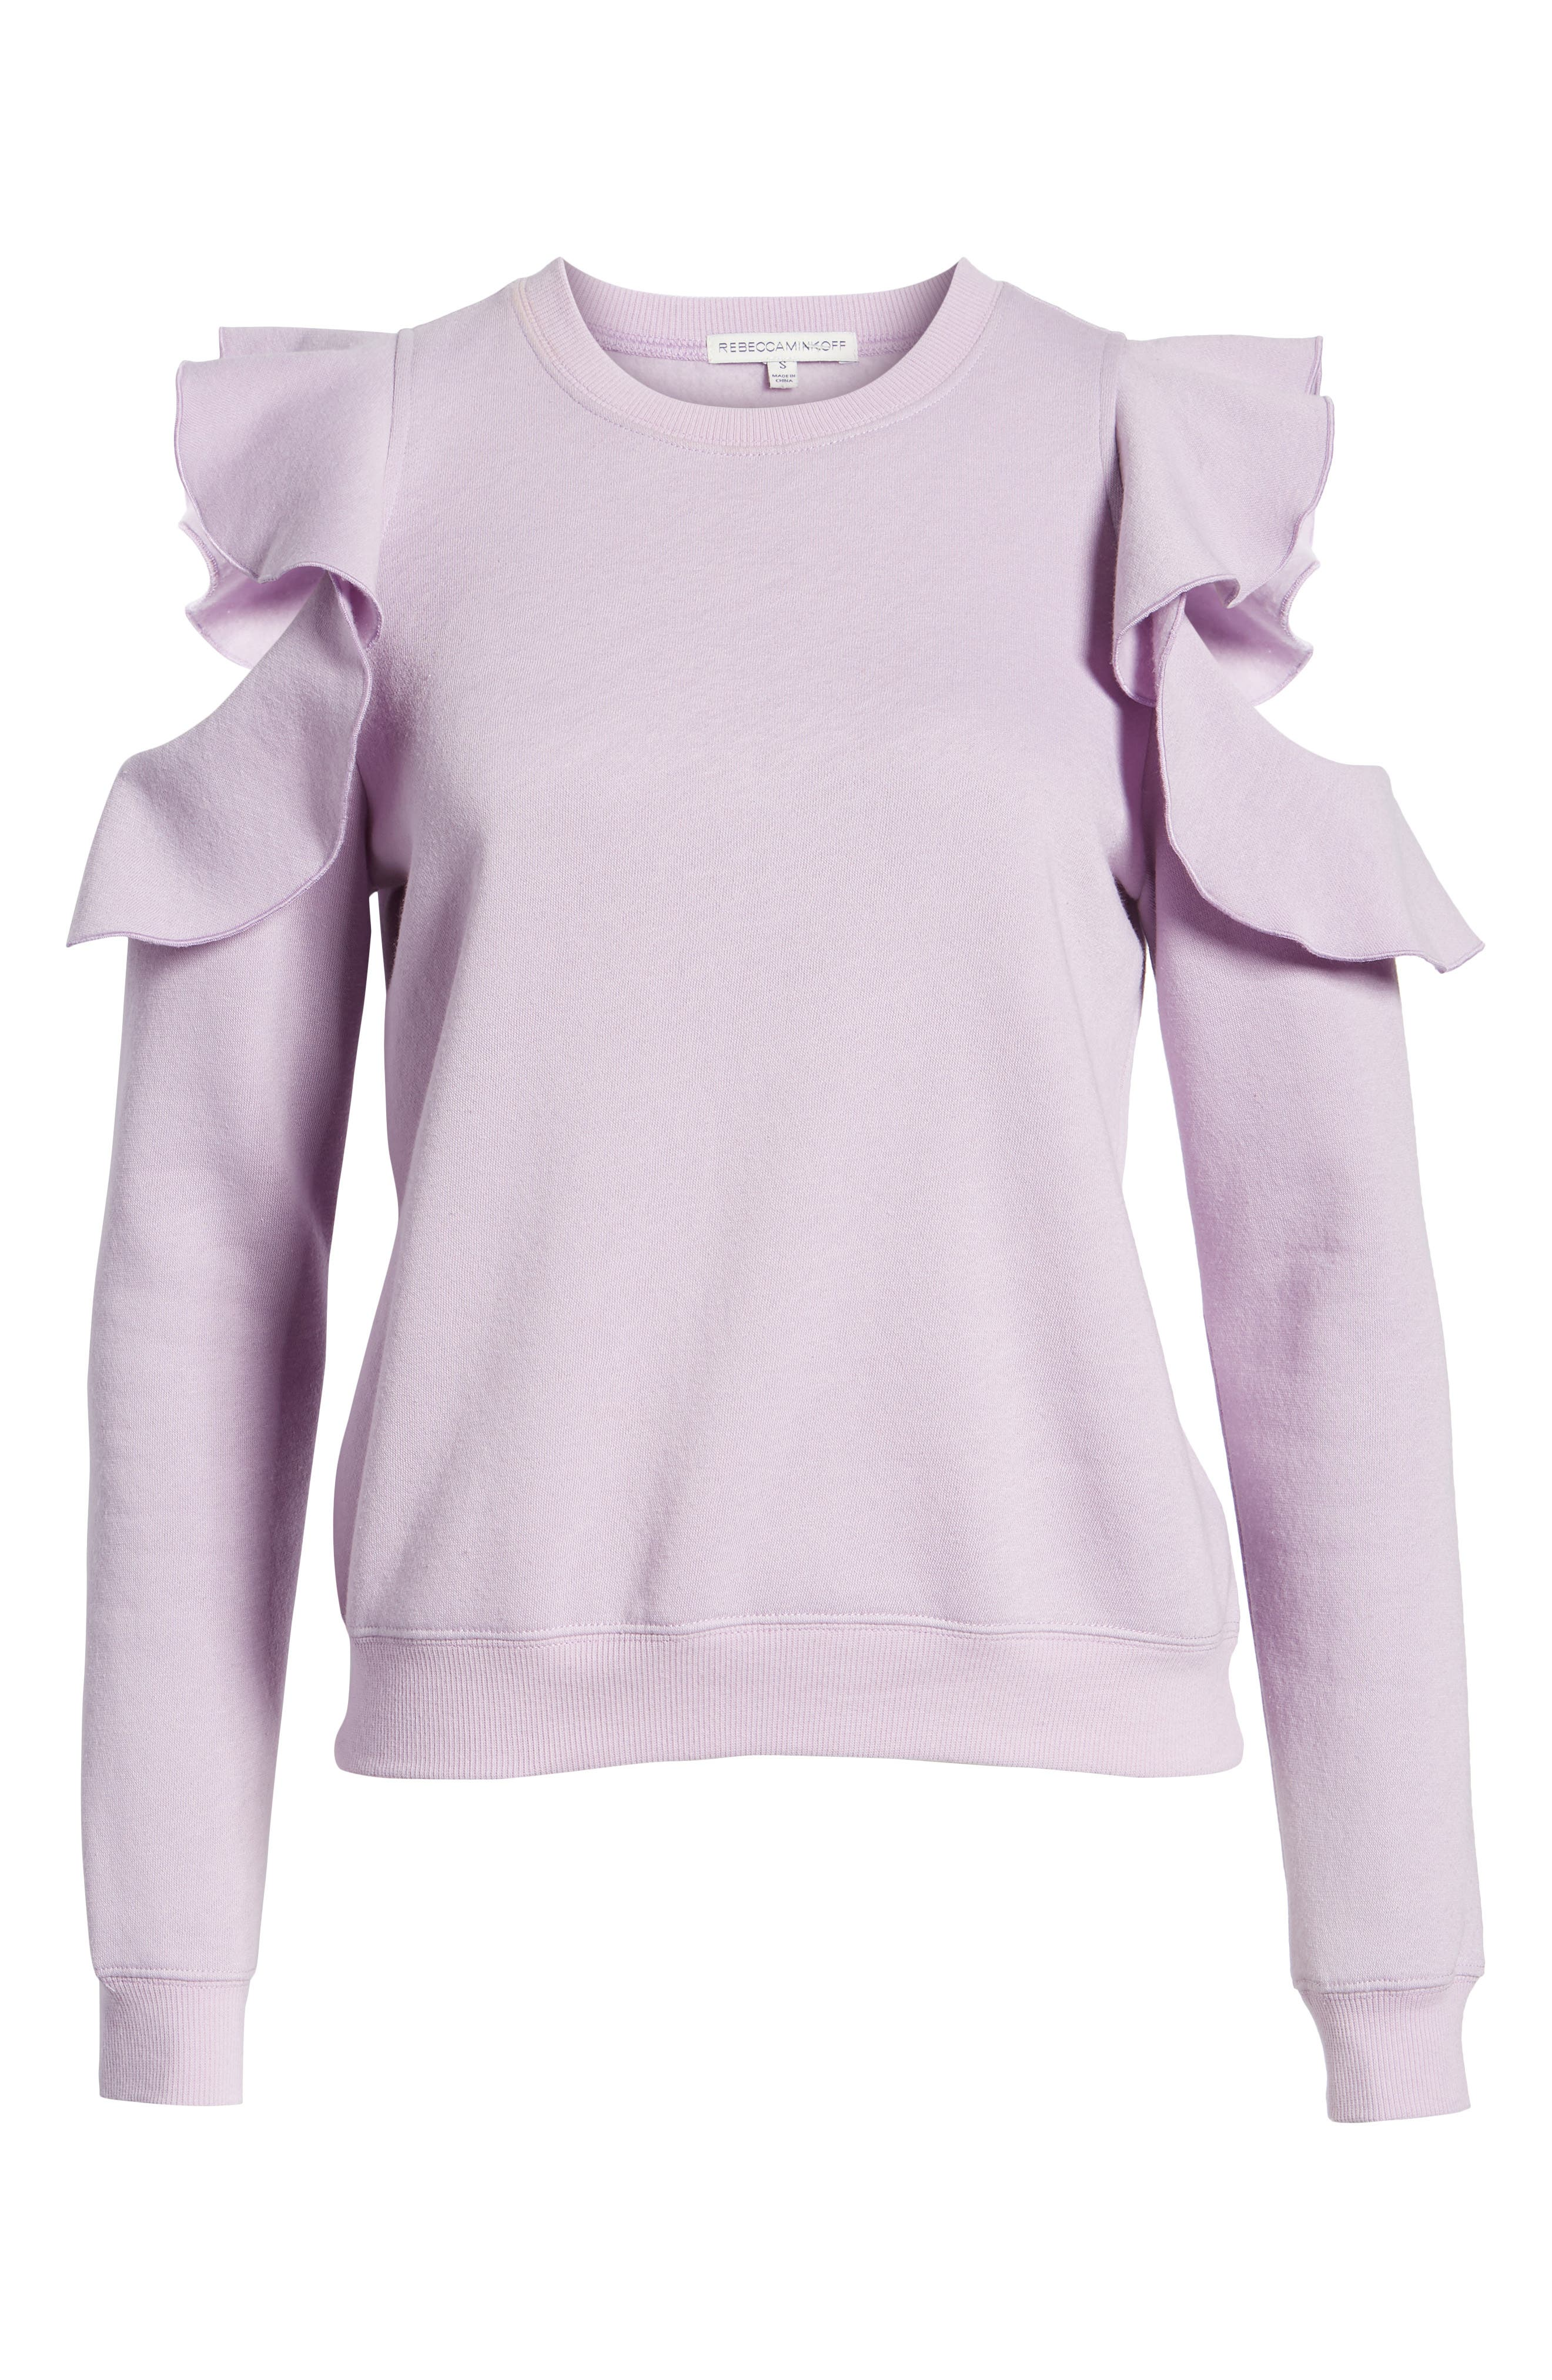 Gracie Cold Shoulder Sweatshirt,                             Alternate thumbnail 7, color,                             502